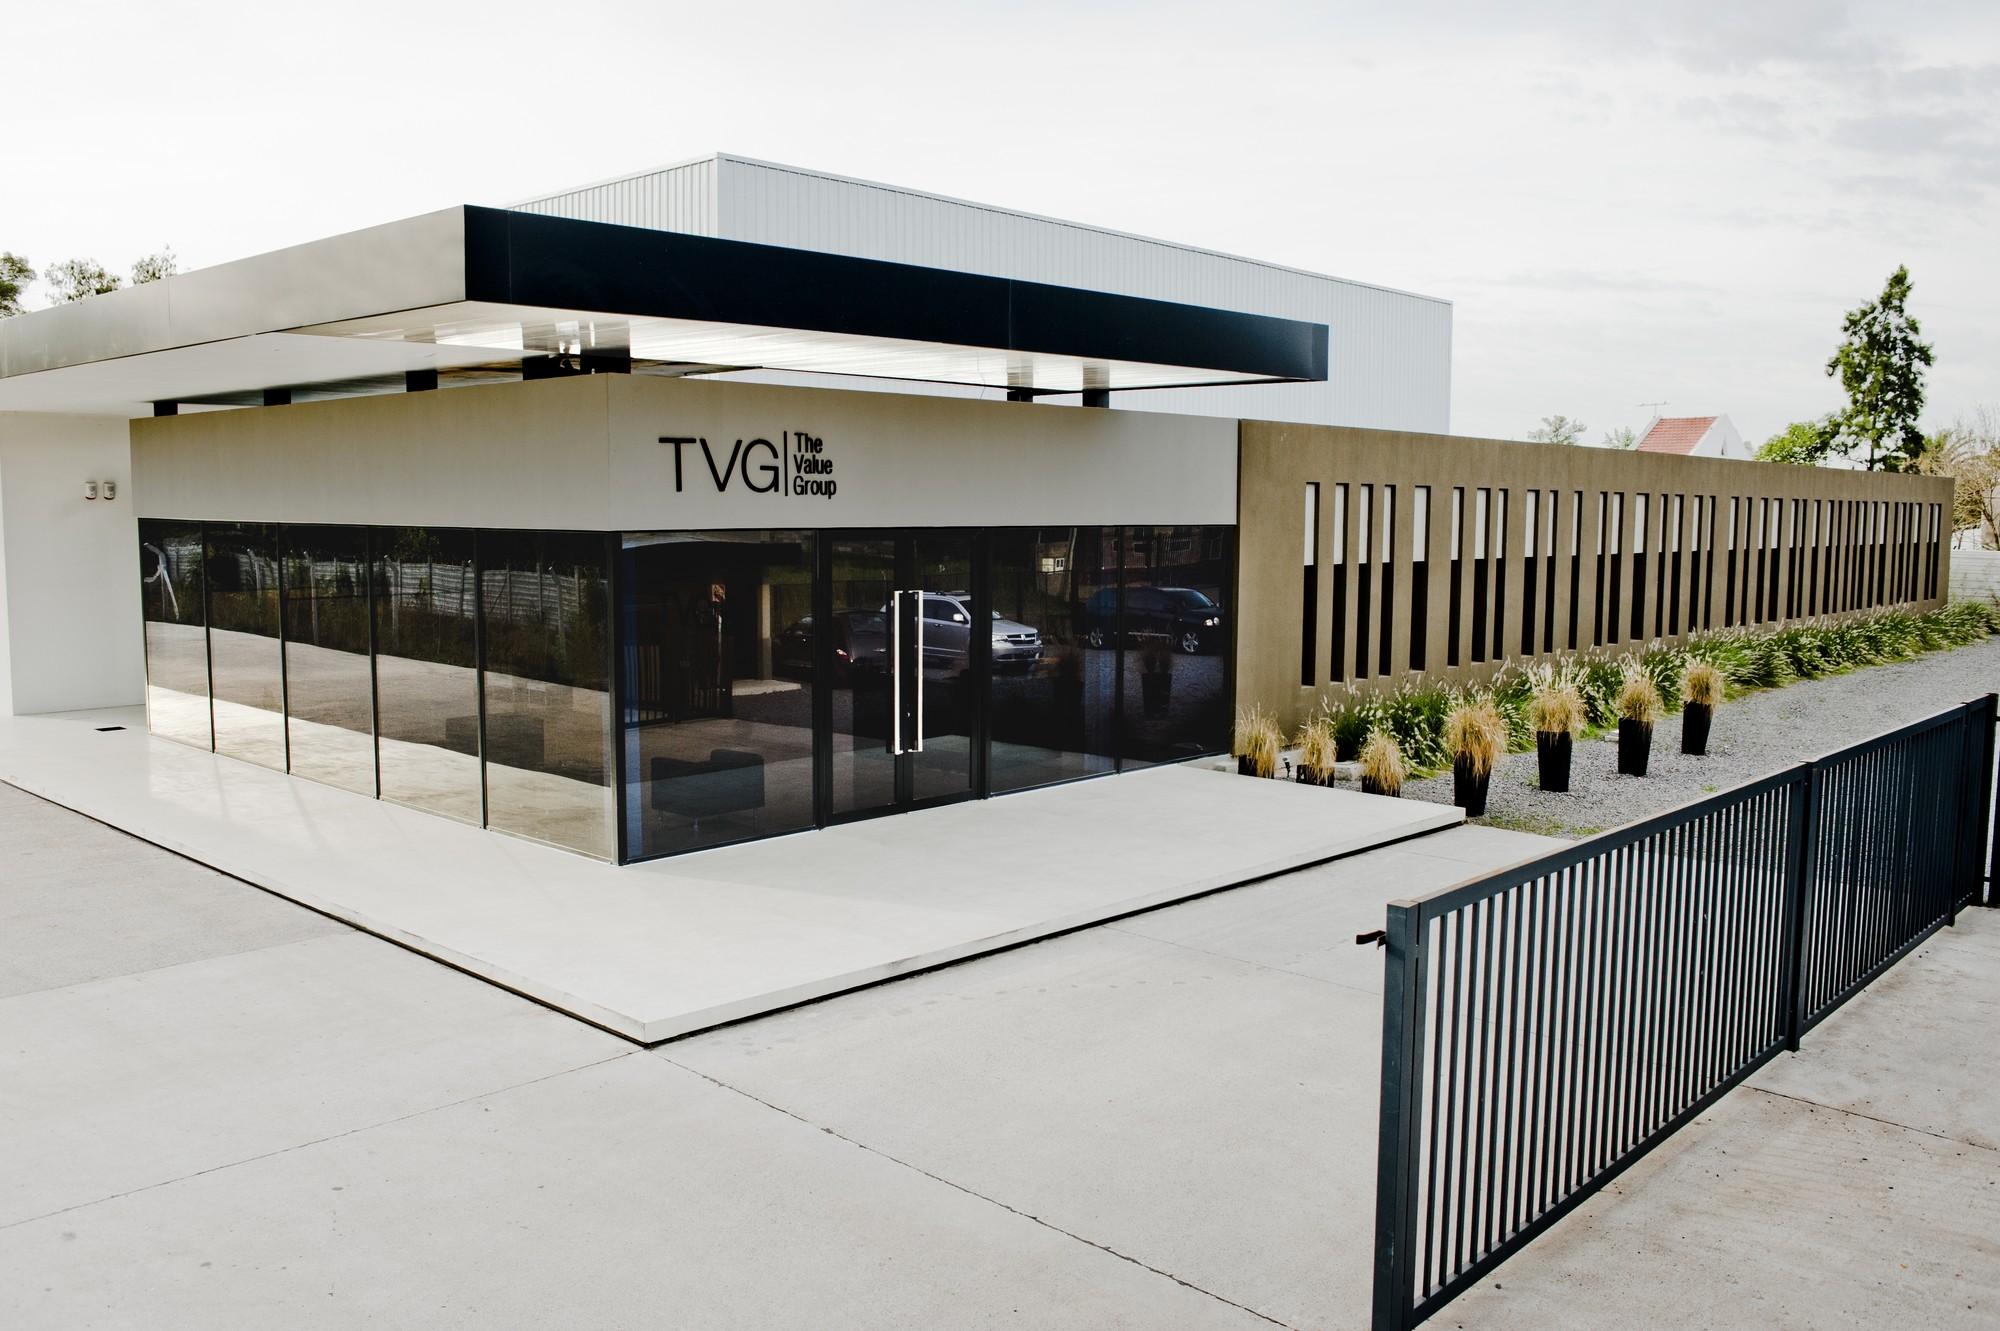 Centro de distribuci n y edificio de oficinas en tigre for Distribucion de oficinas